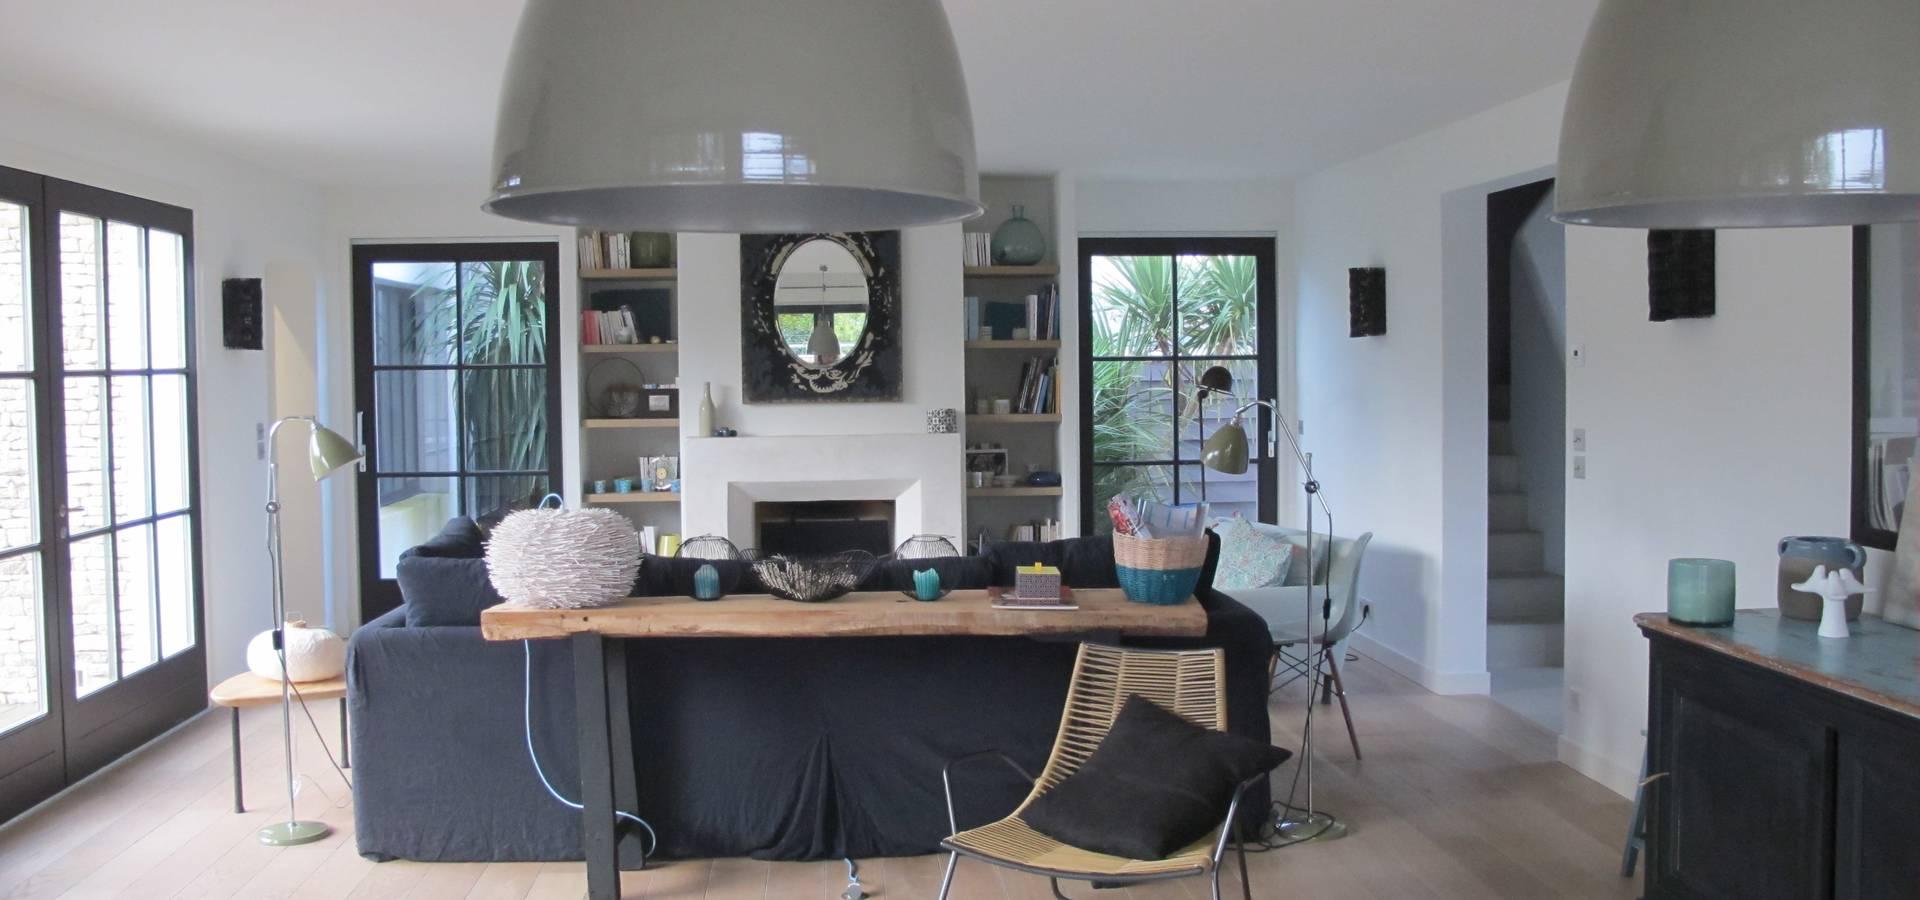 Une Maison De 220 M2 A L Ile De Re By Raphaelle Levet Decoration